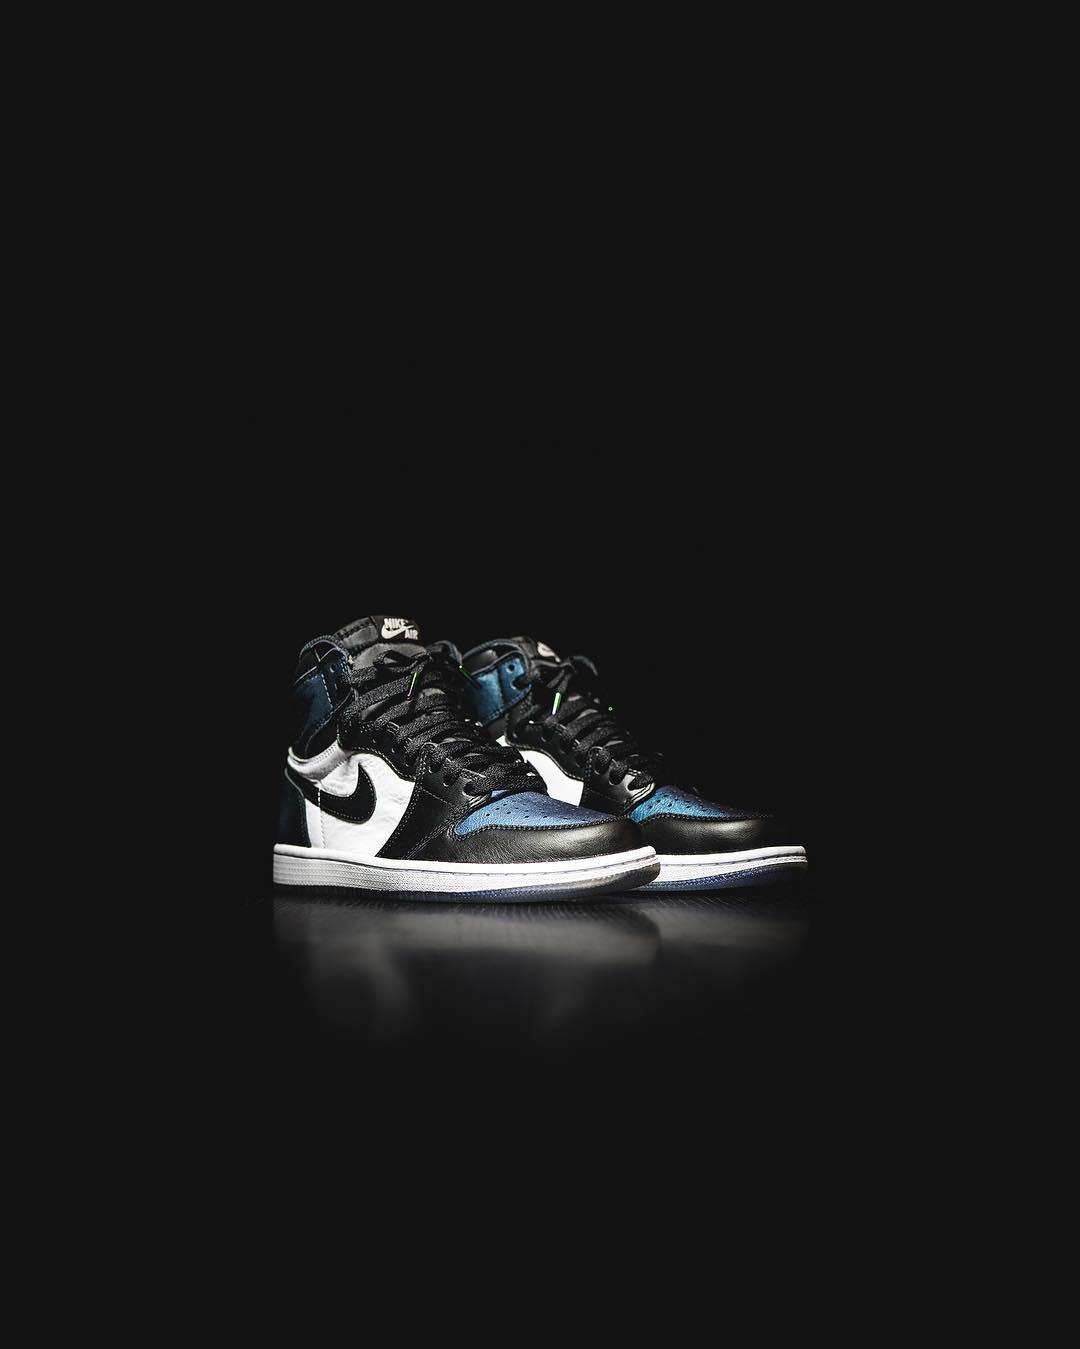 AJ12,Air Jordan 12,OVO  本周球鞋发售货量,大得吓人!也小得可怕!